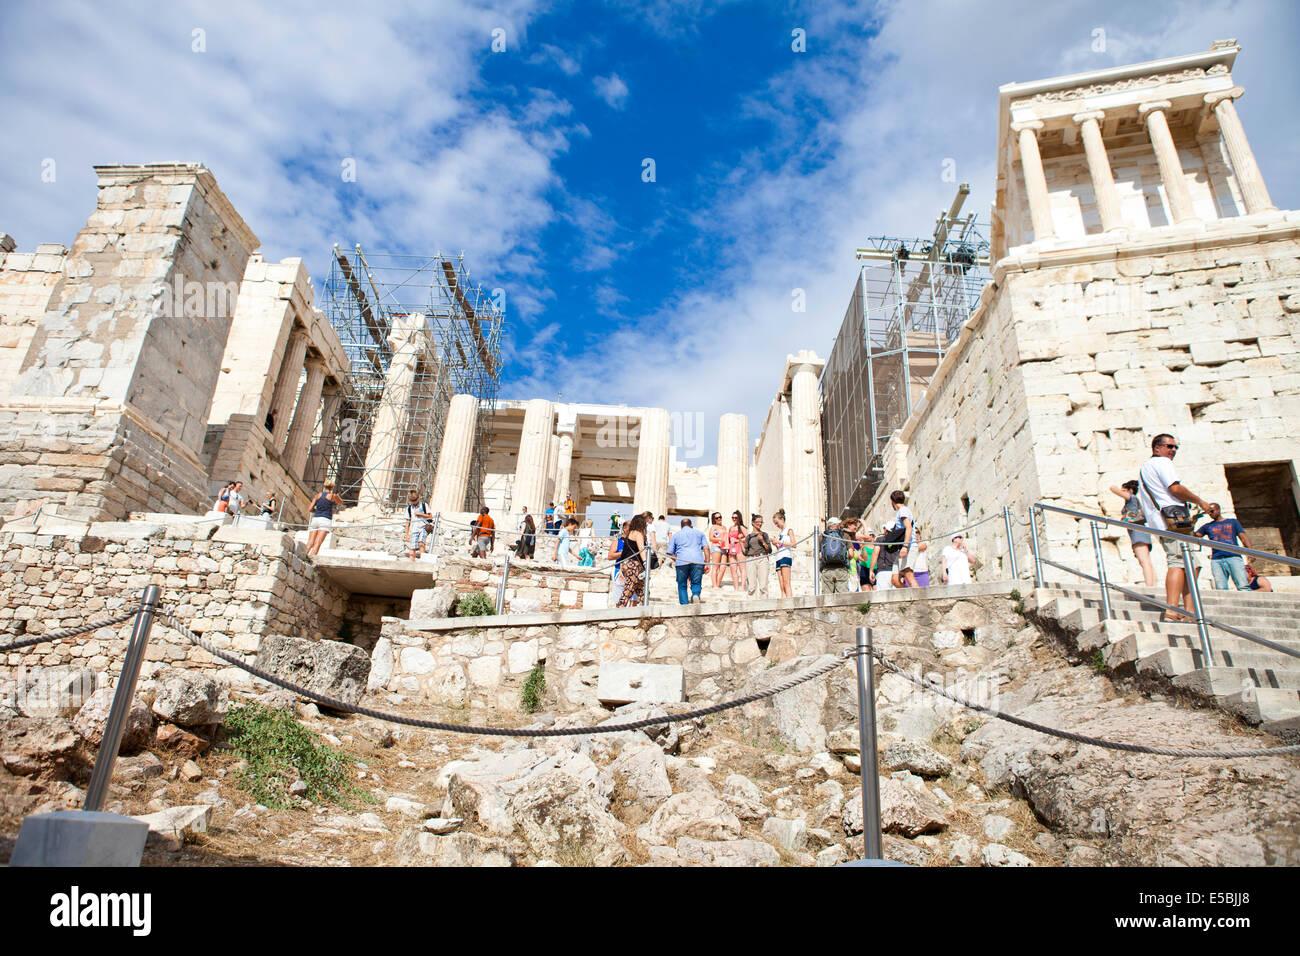 Acropolis of Athens, Propylaea as tourists entering the Parthenon - Stock Image